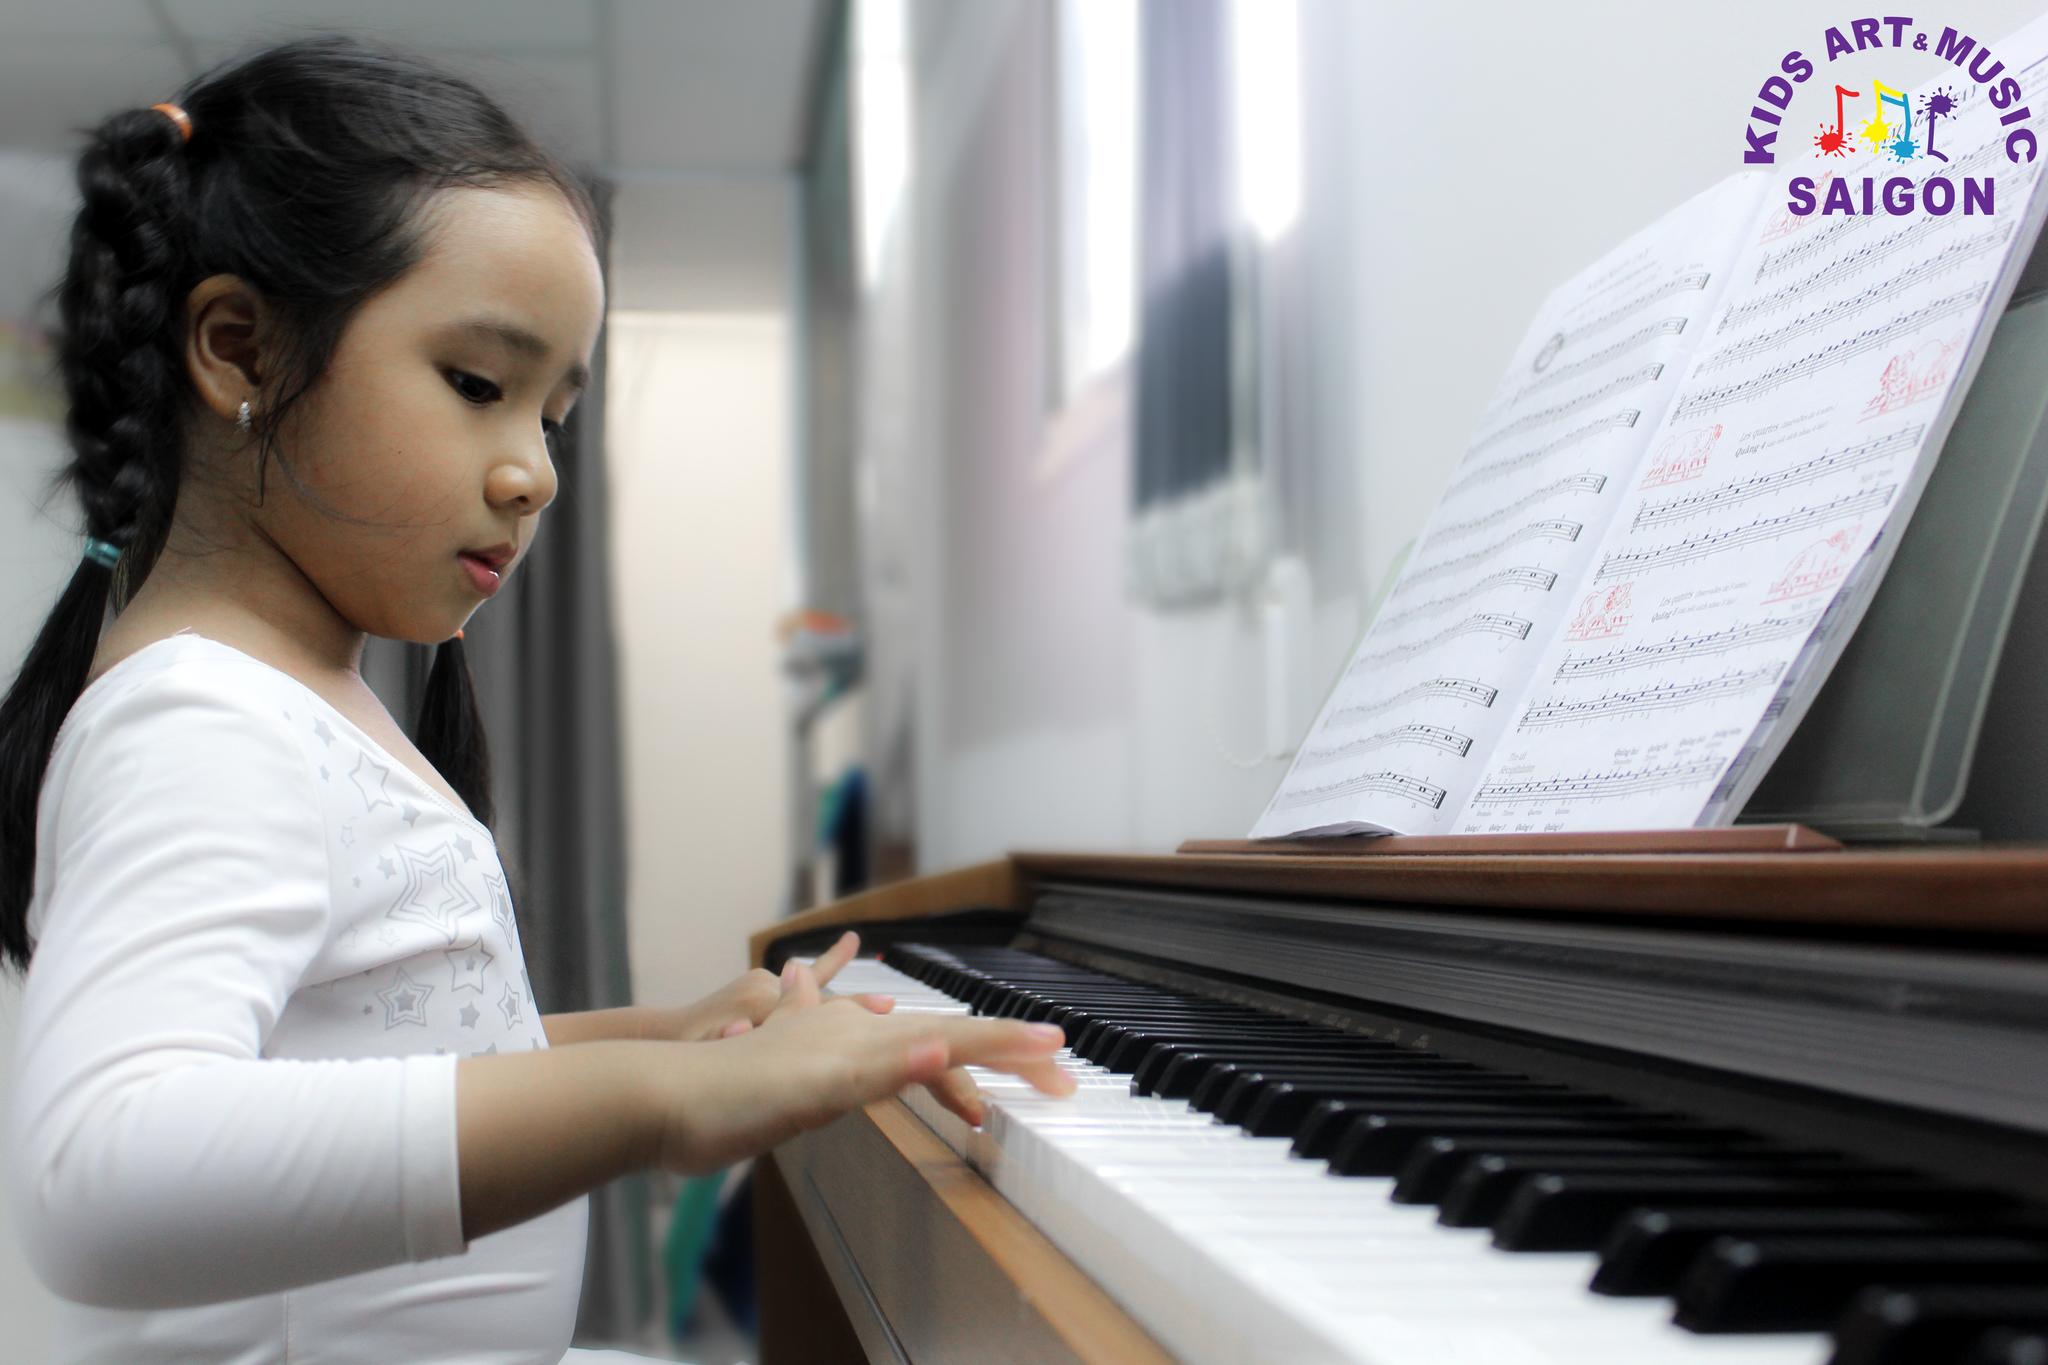 Học đàn Piano cho bé, làm thế nào để tìm được lớp chất lượng? hình ảnh 2